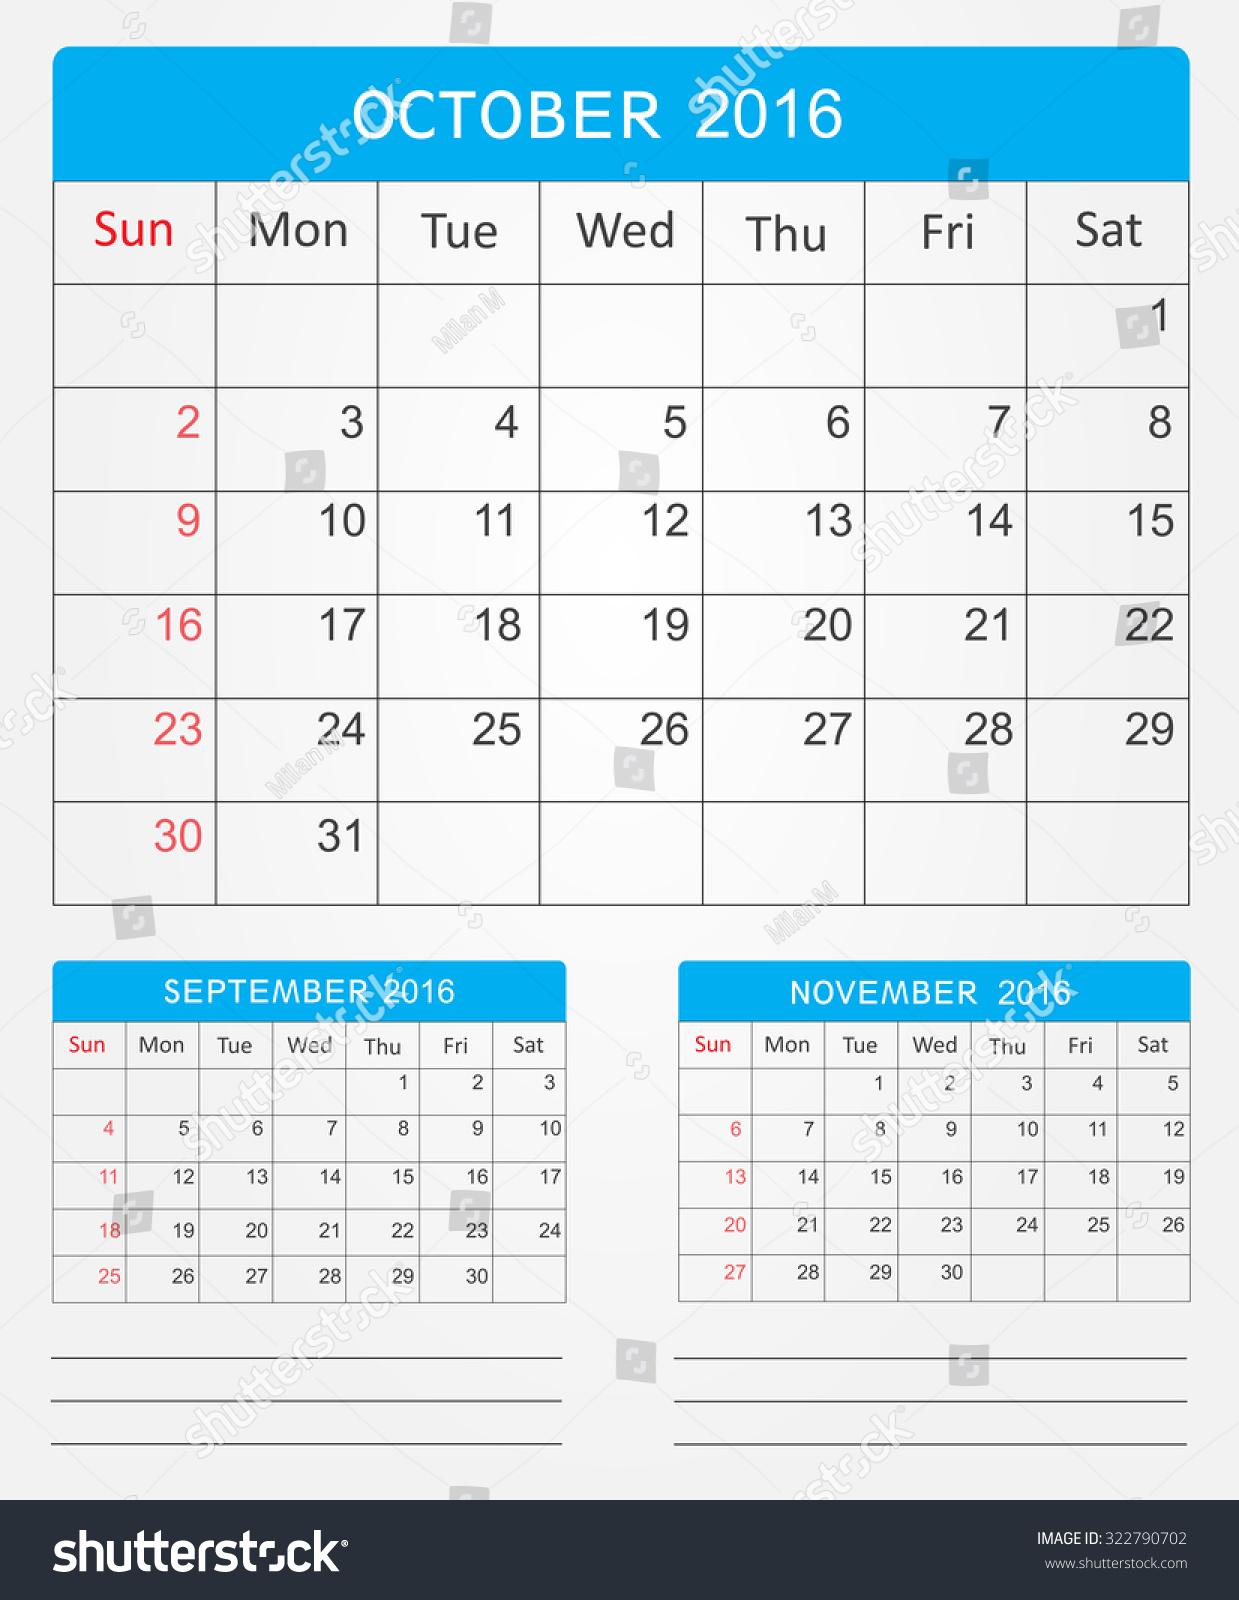 October Calendar Illustration : October planning calendar vector